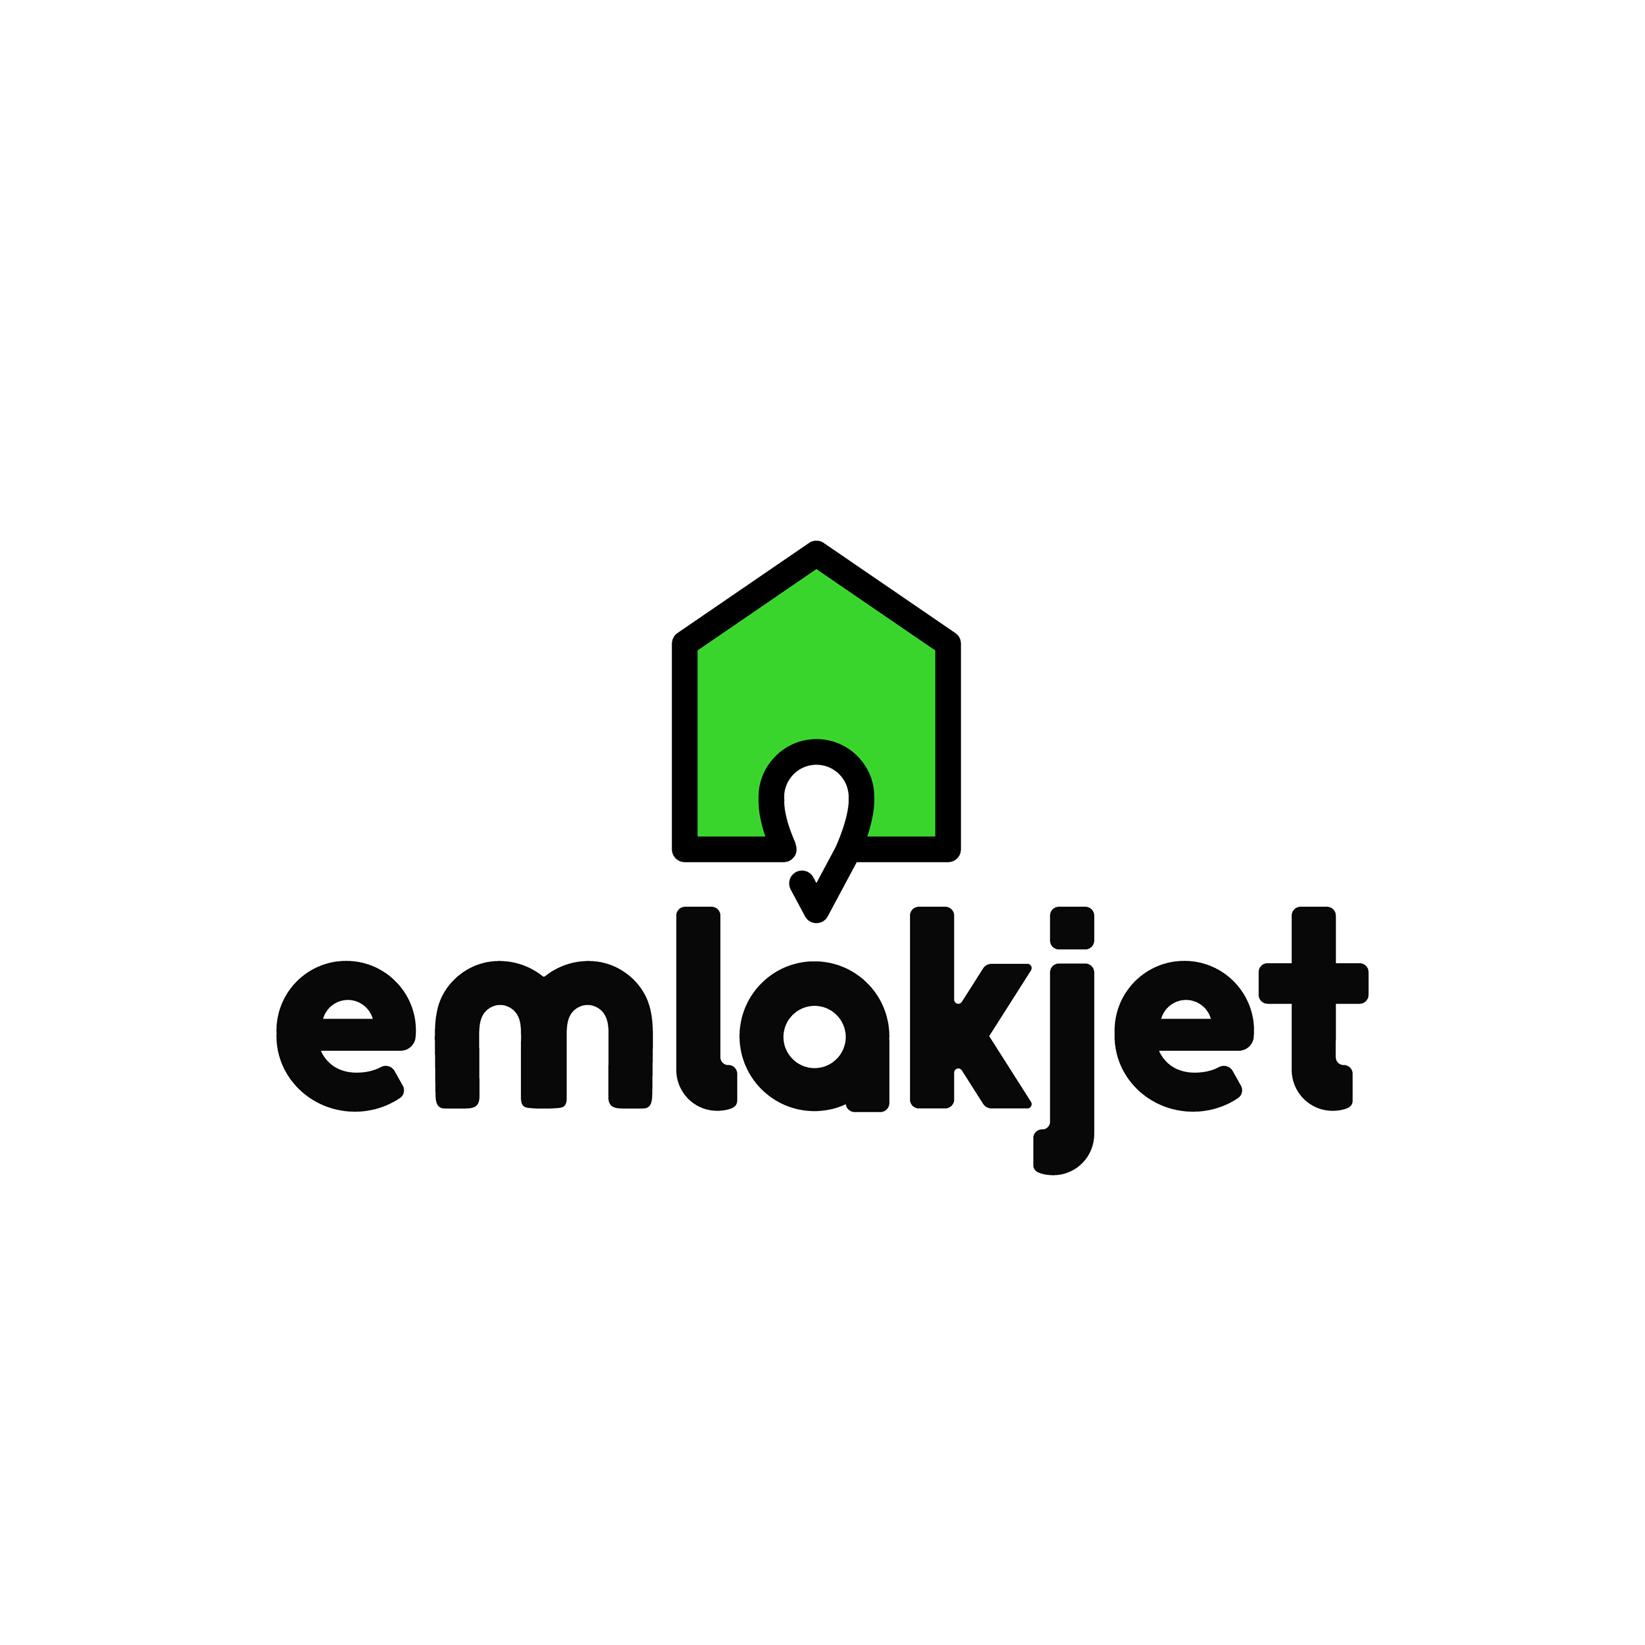 emlakjet-logo